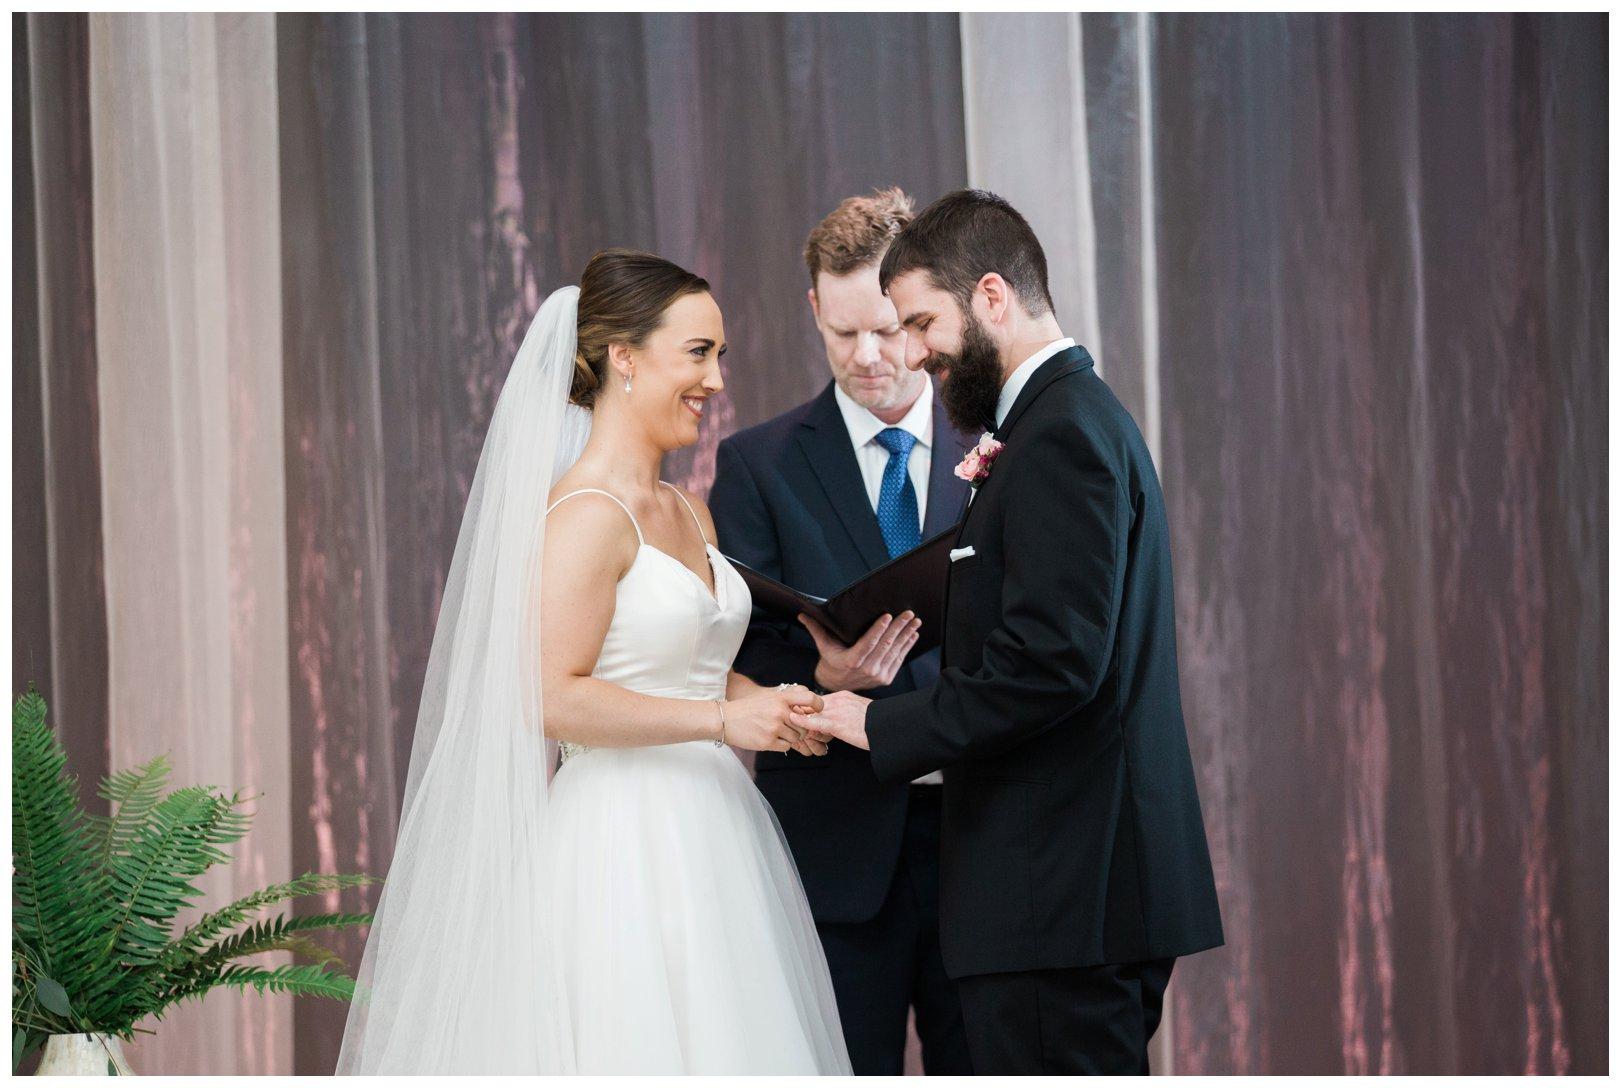 lauren muckler photography_fine art film wedding photography_st louis_photography_1113.jpg